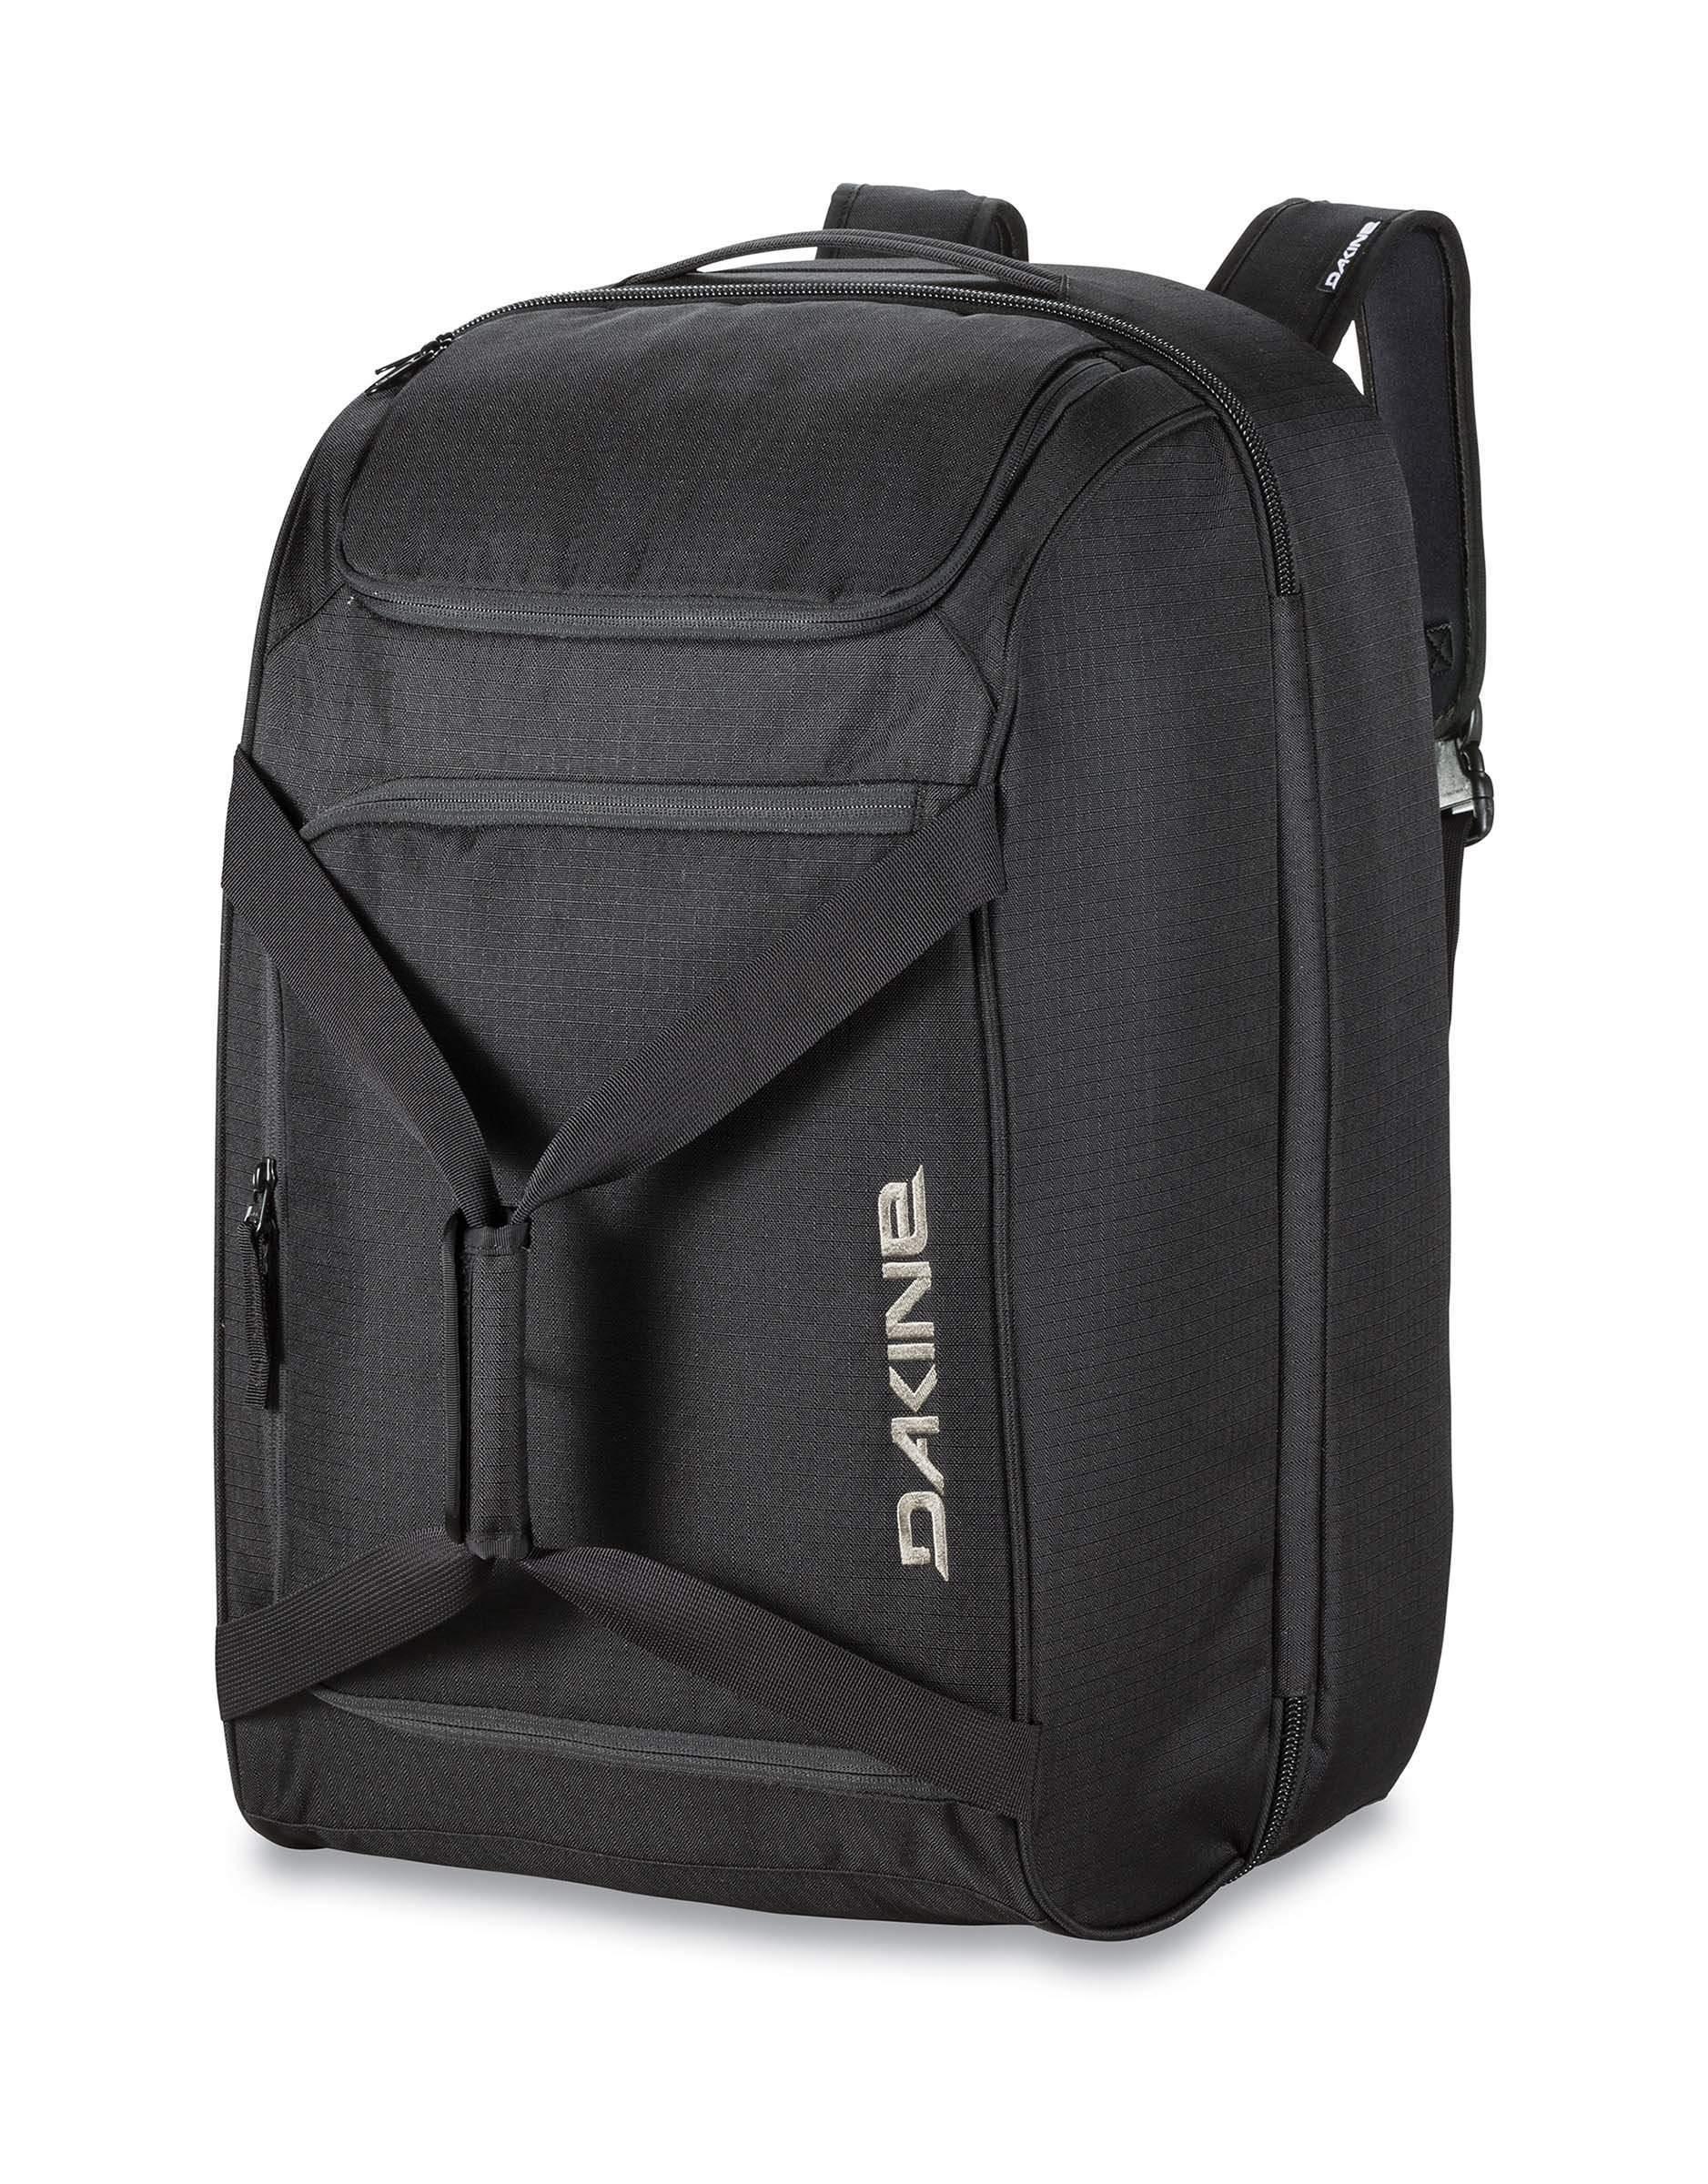 Dakine Backpack Heli Pro Willamette 20l Mac S Waterski